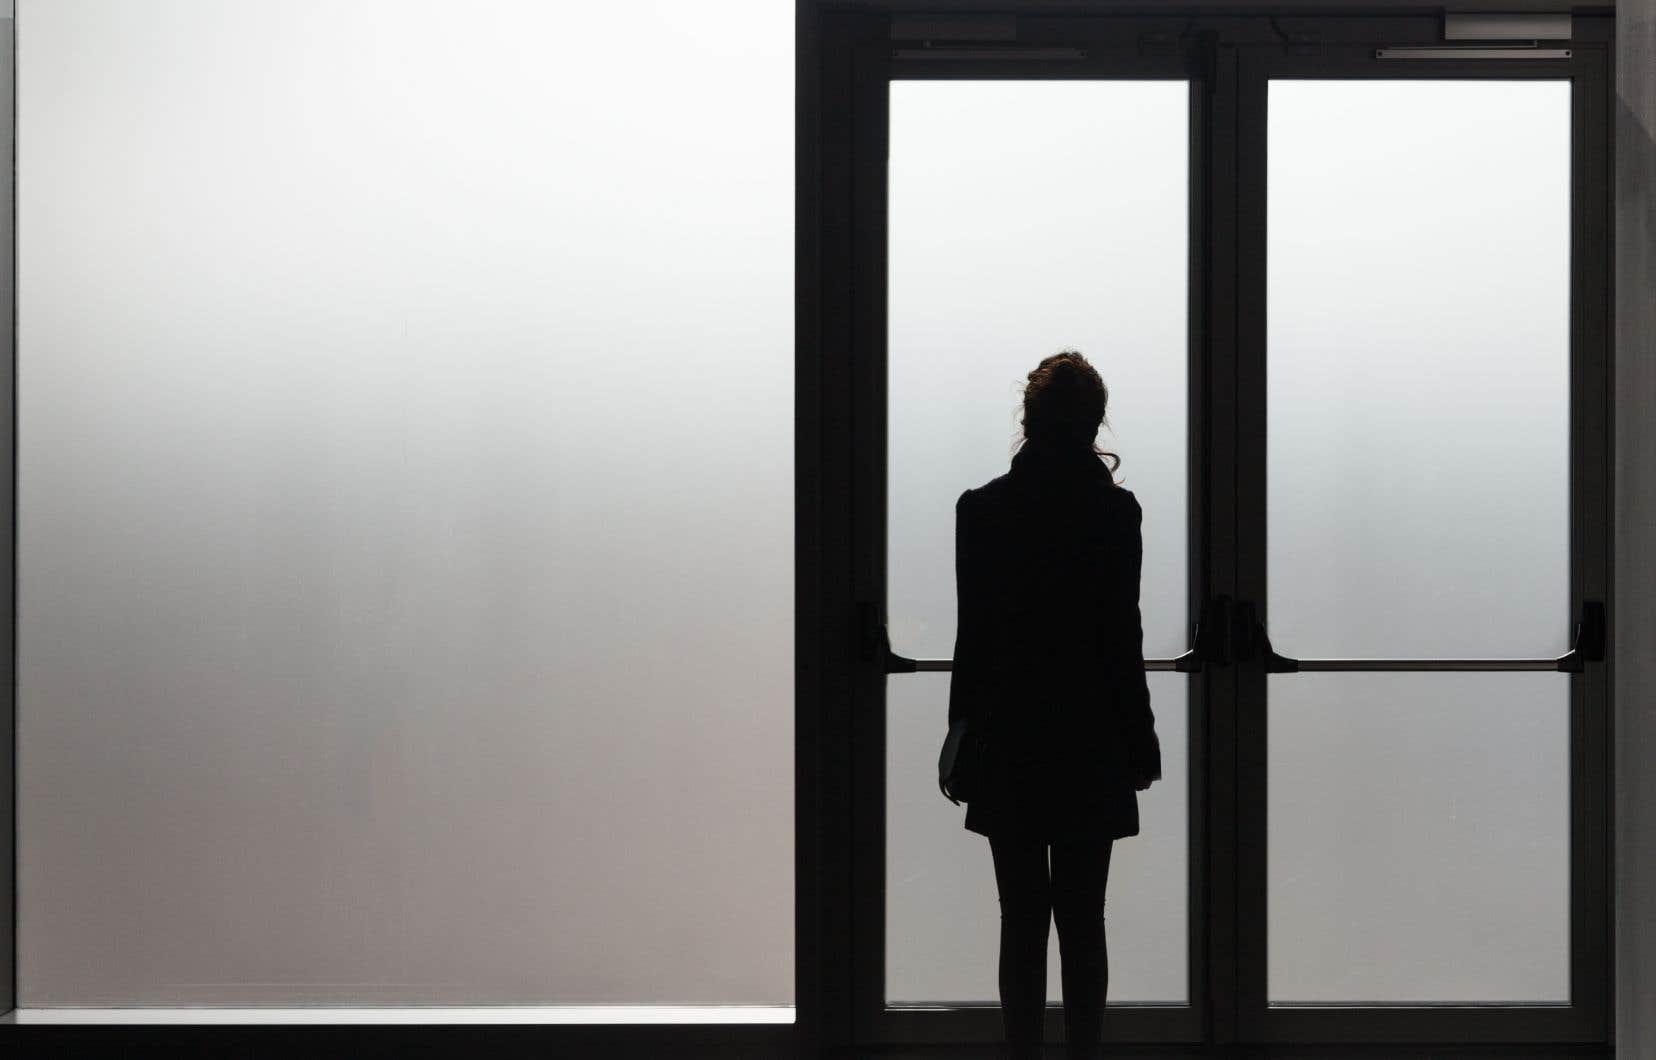 Près de quart des professionnels du domaine de la santé mentale et des services sociaux songent à quitter leur profession, selon un sondage.